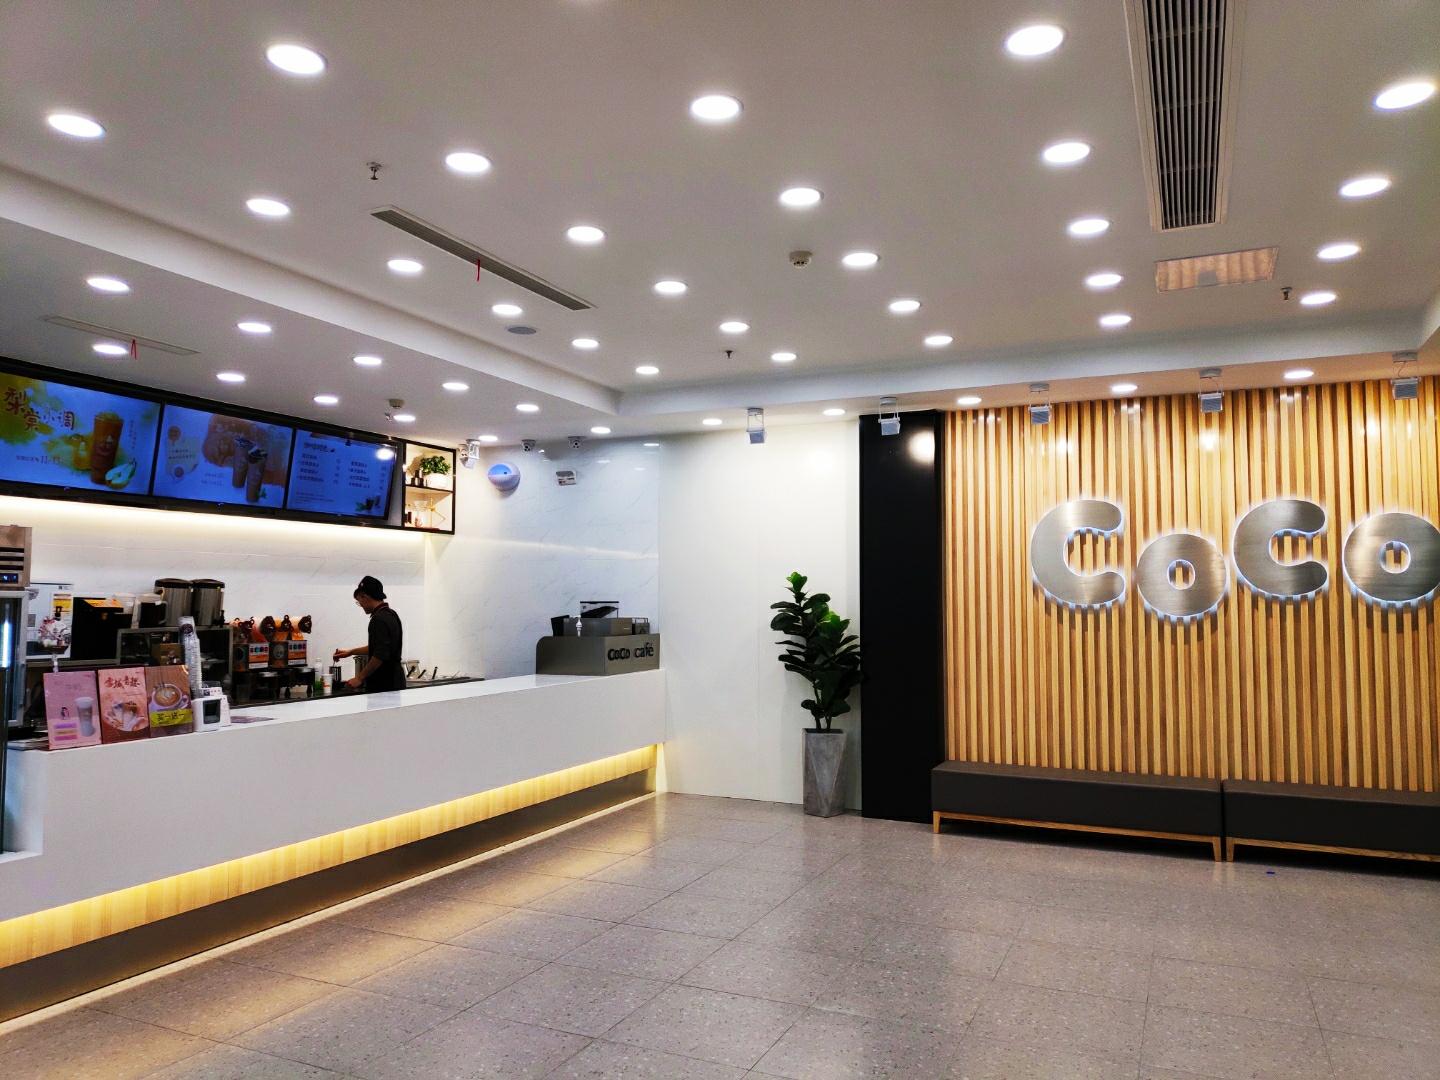 COCO奶茶咖啡店